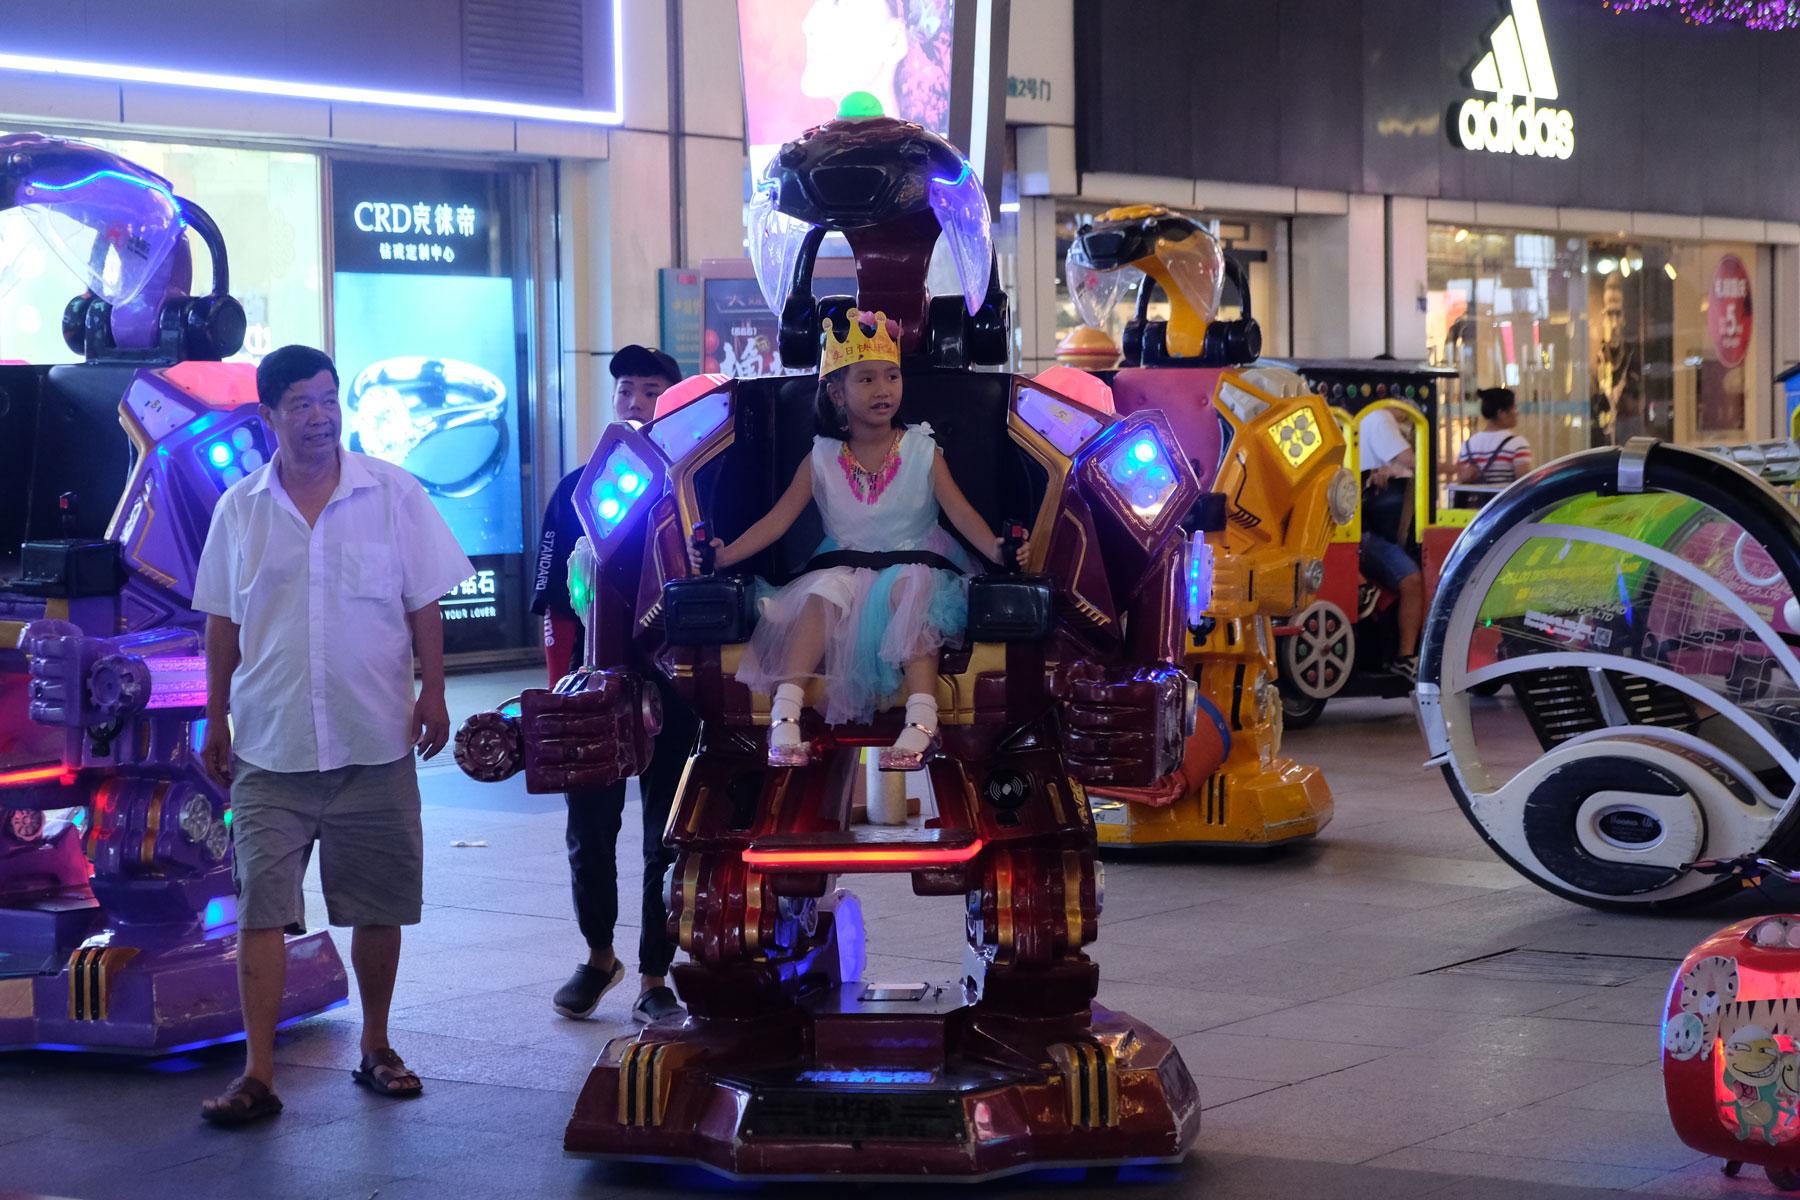 Ein Mädchen fährt auf einem Roboter in Nanning in China.